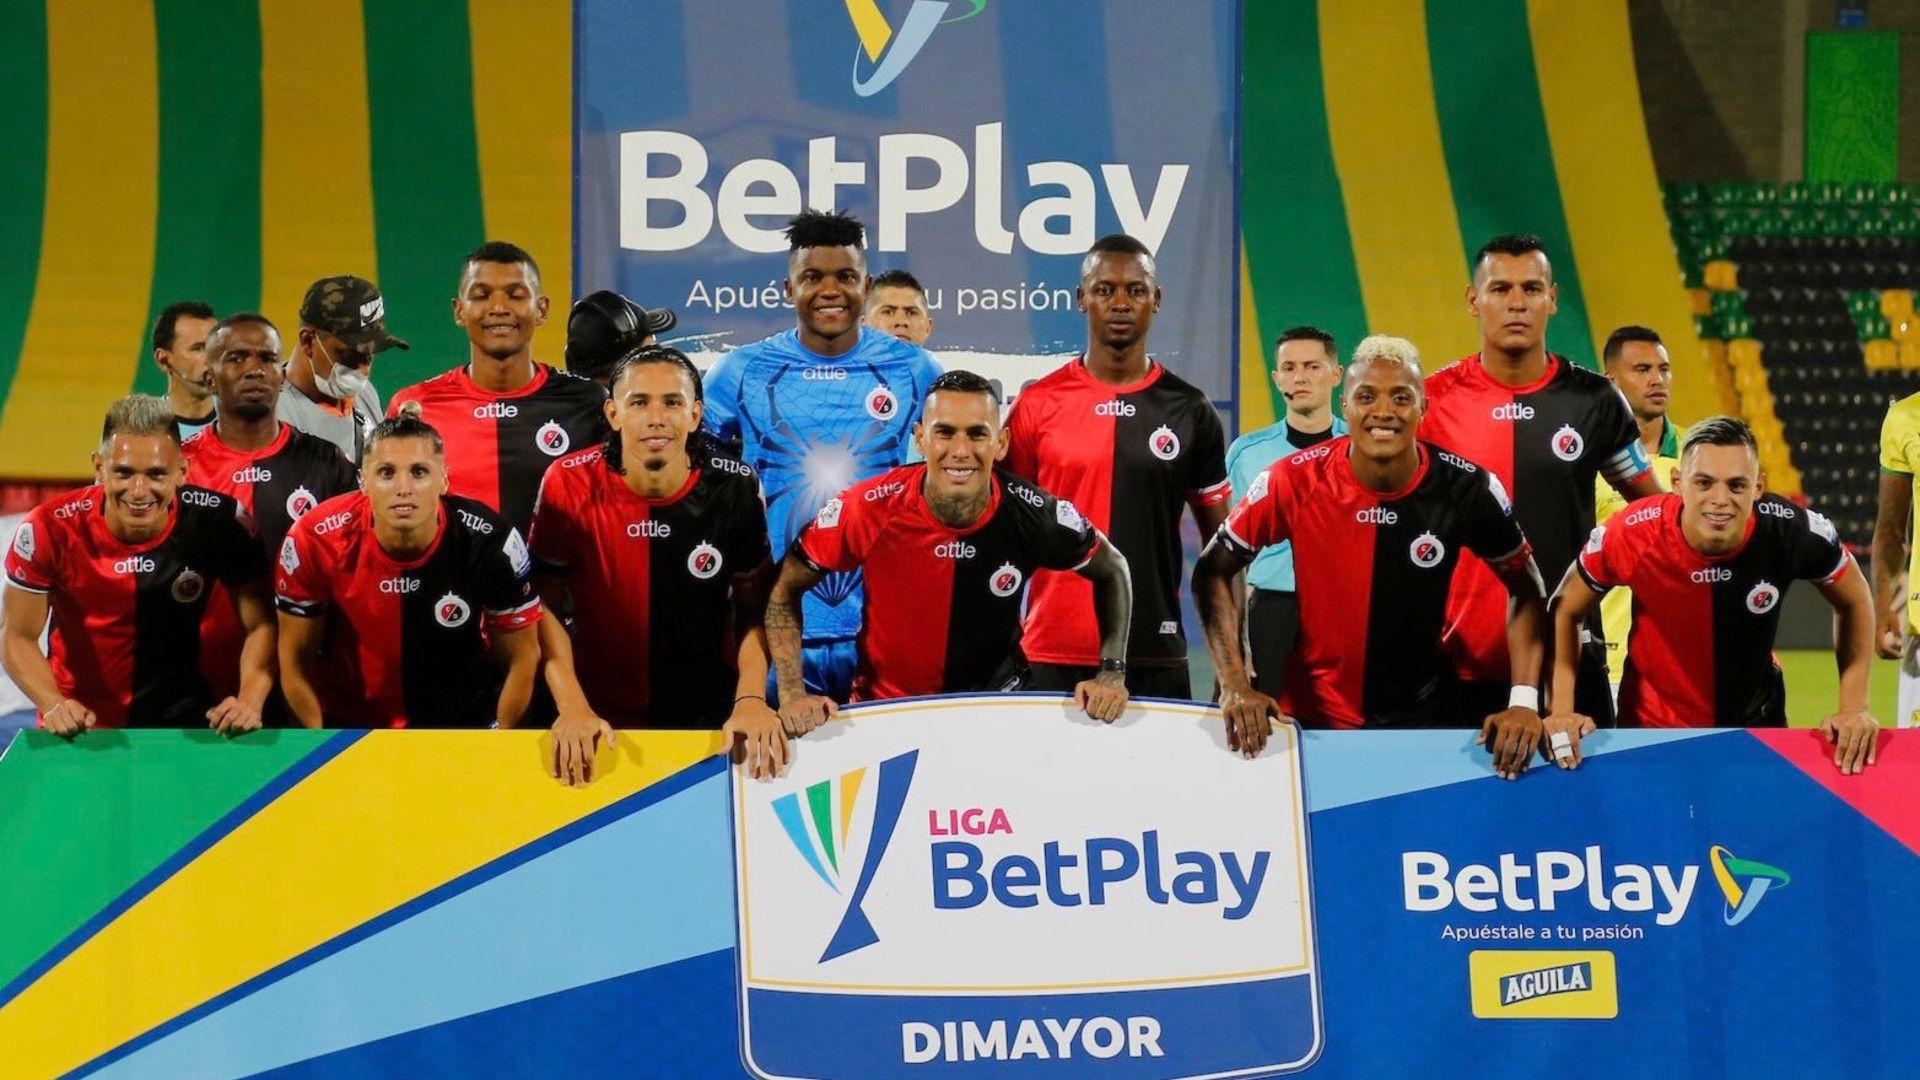 El pasado 18 de marzo el equipo 'motilón' fue desafiliado del balompié nacional por parte de la Federación Colombiana de Fútbol (FCF) y la Dimayor. Foto: Archivo